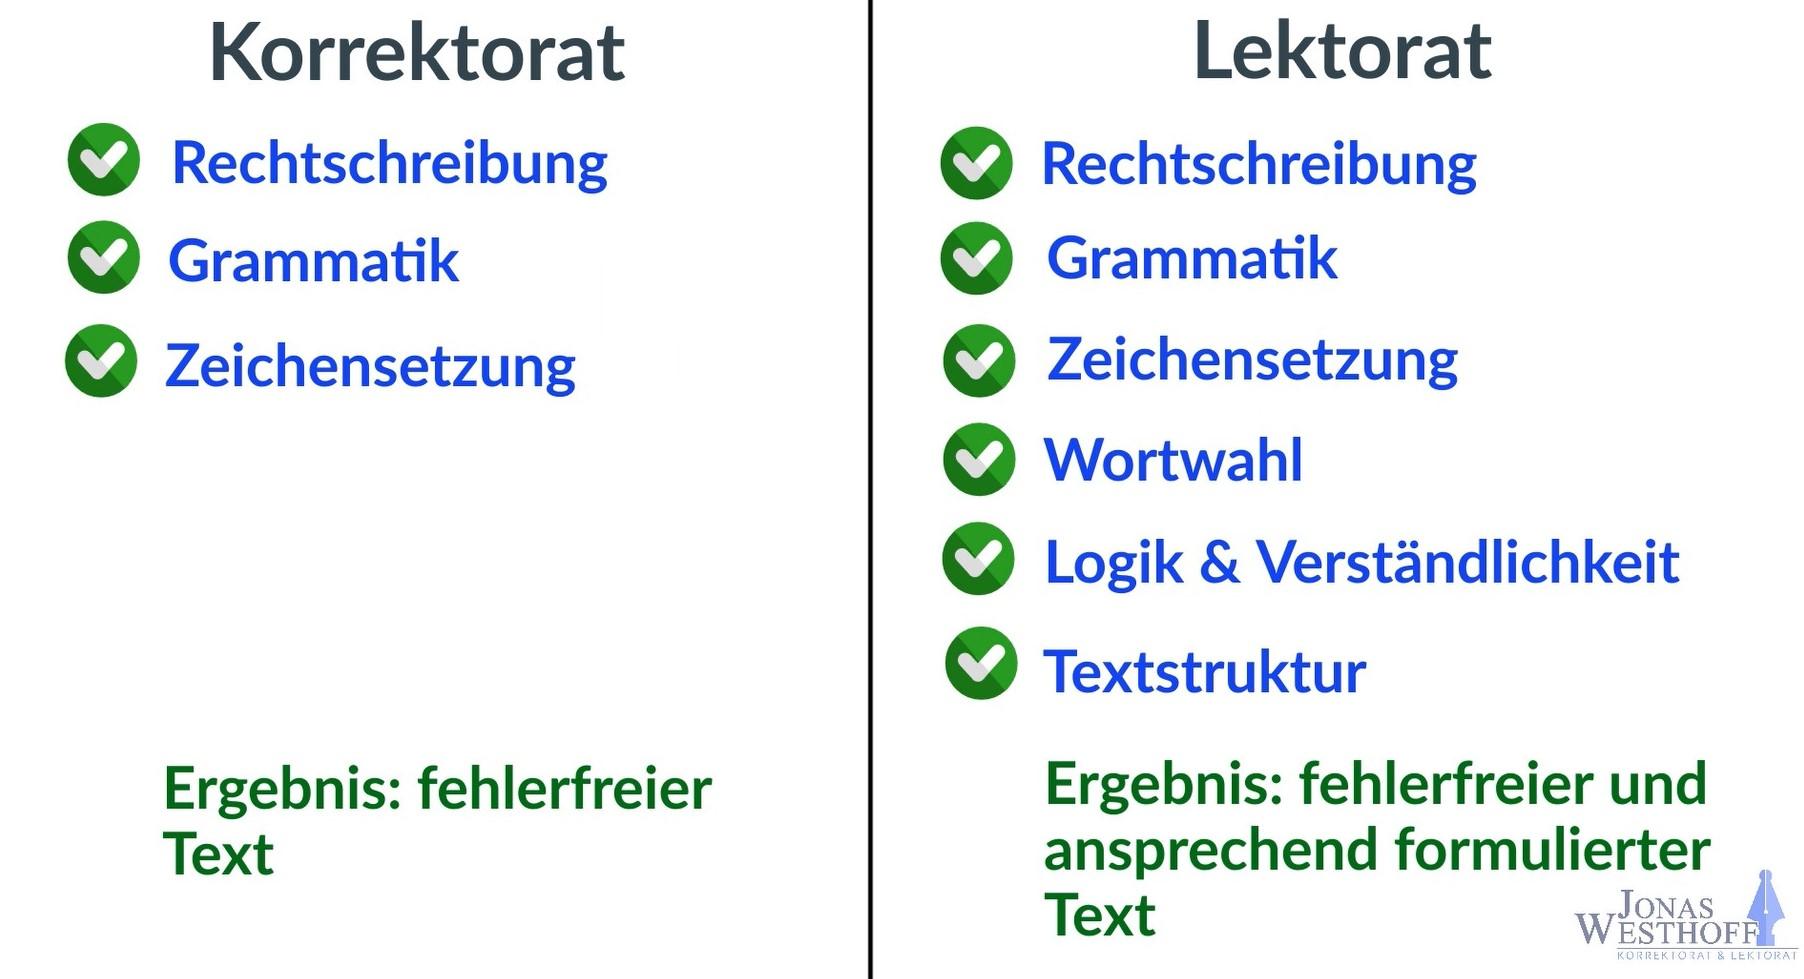 Unterschiede Korrektorat und Lektorat